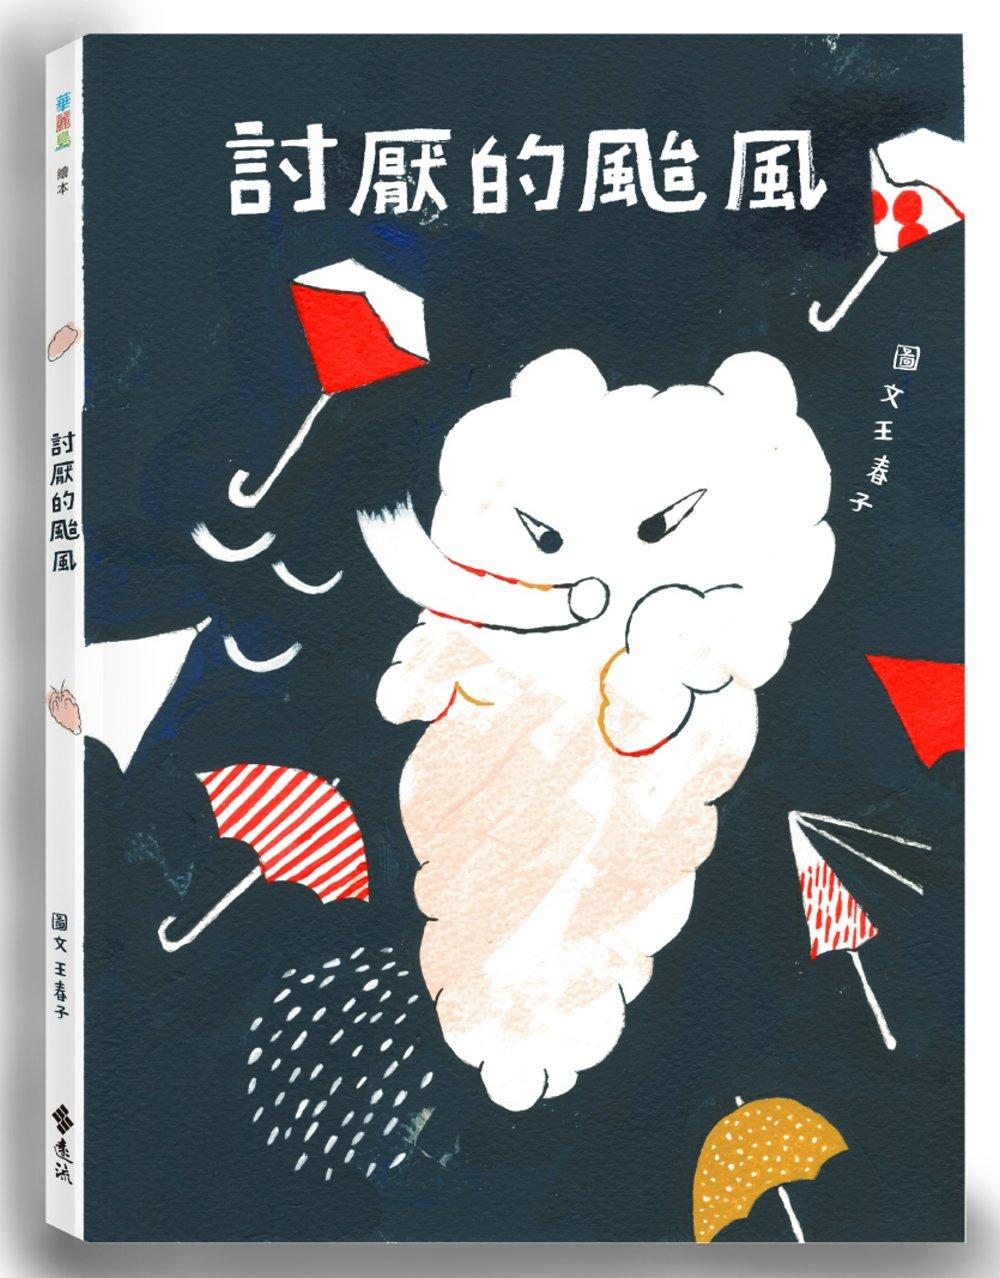 討厭的颱風(隨書加碼驚奇小書「偷偷養隻小颱風」)(王春子手繪藏書票版,博客來獨家收藏)